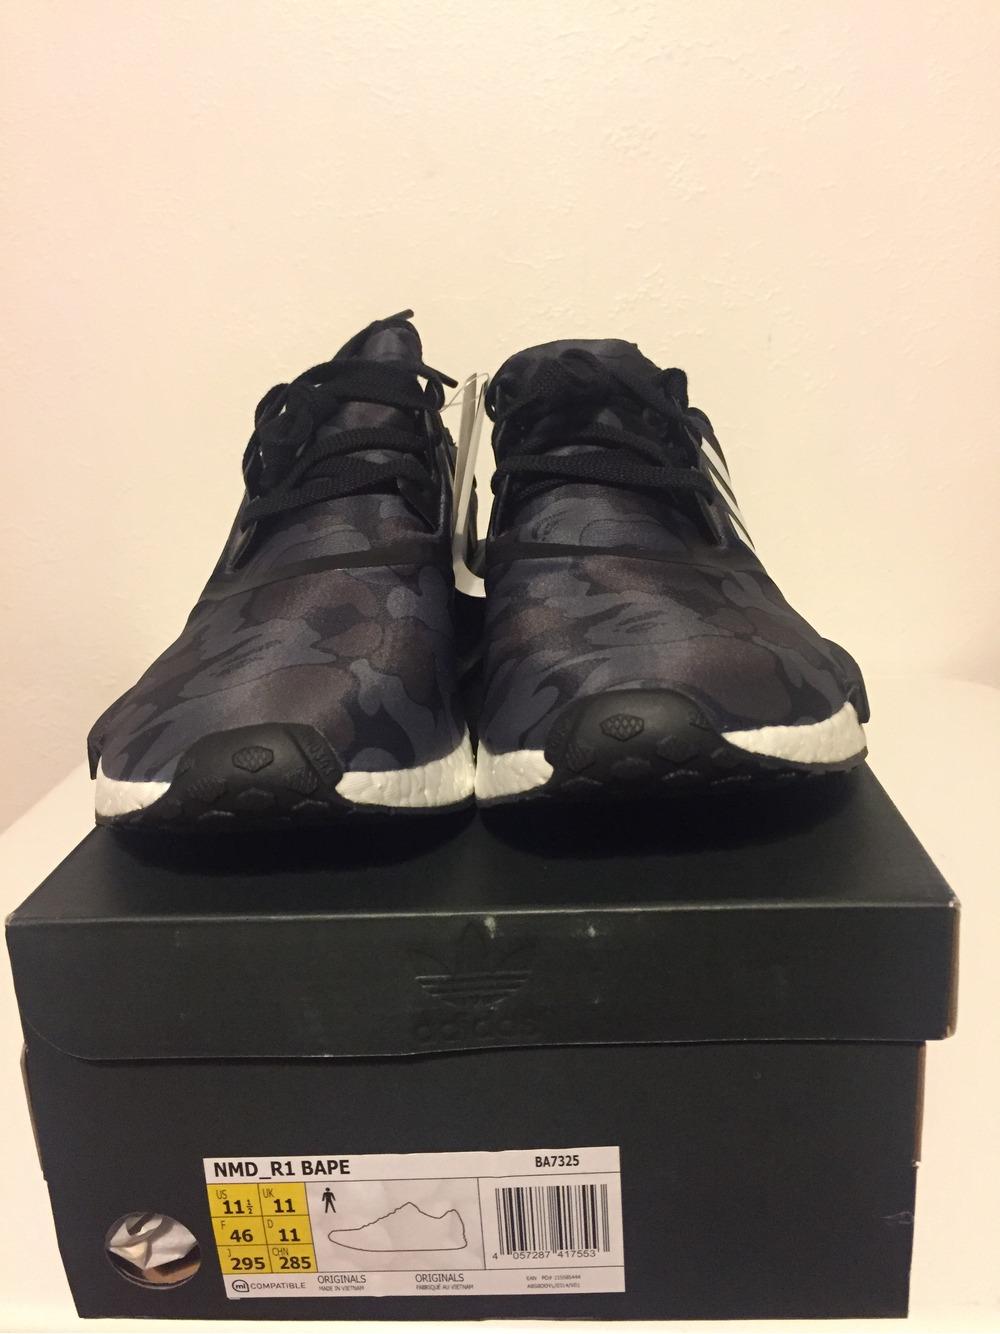 adidas NMD R1 Olive Black in 2020 | Adidas nmd r1, Adidas